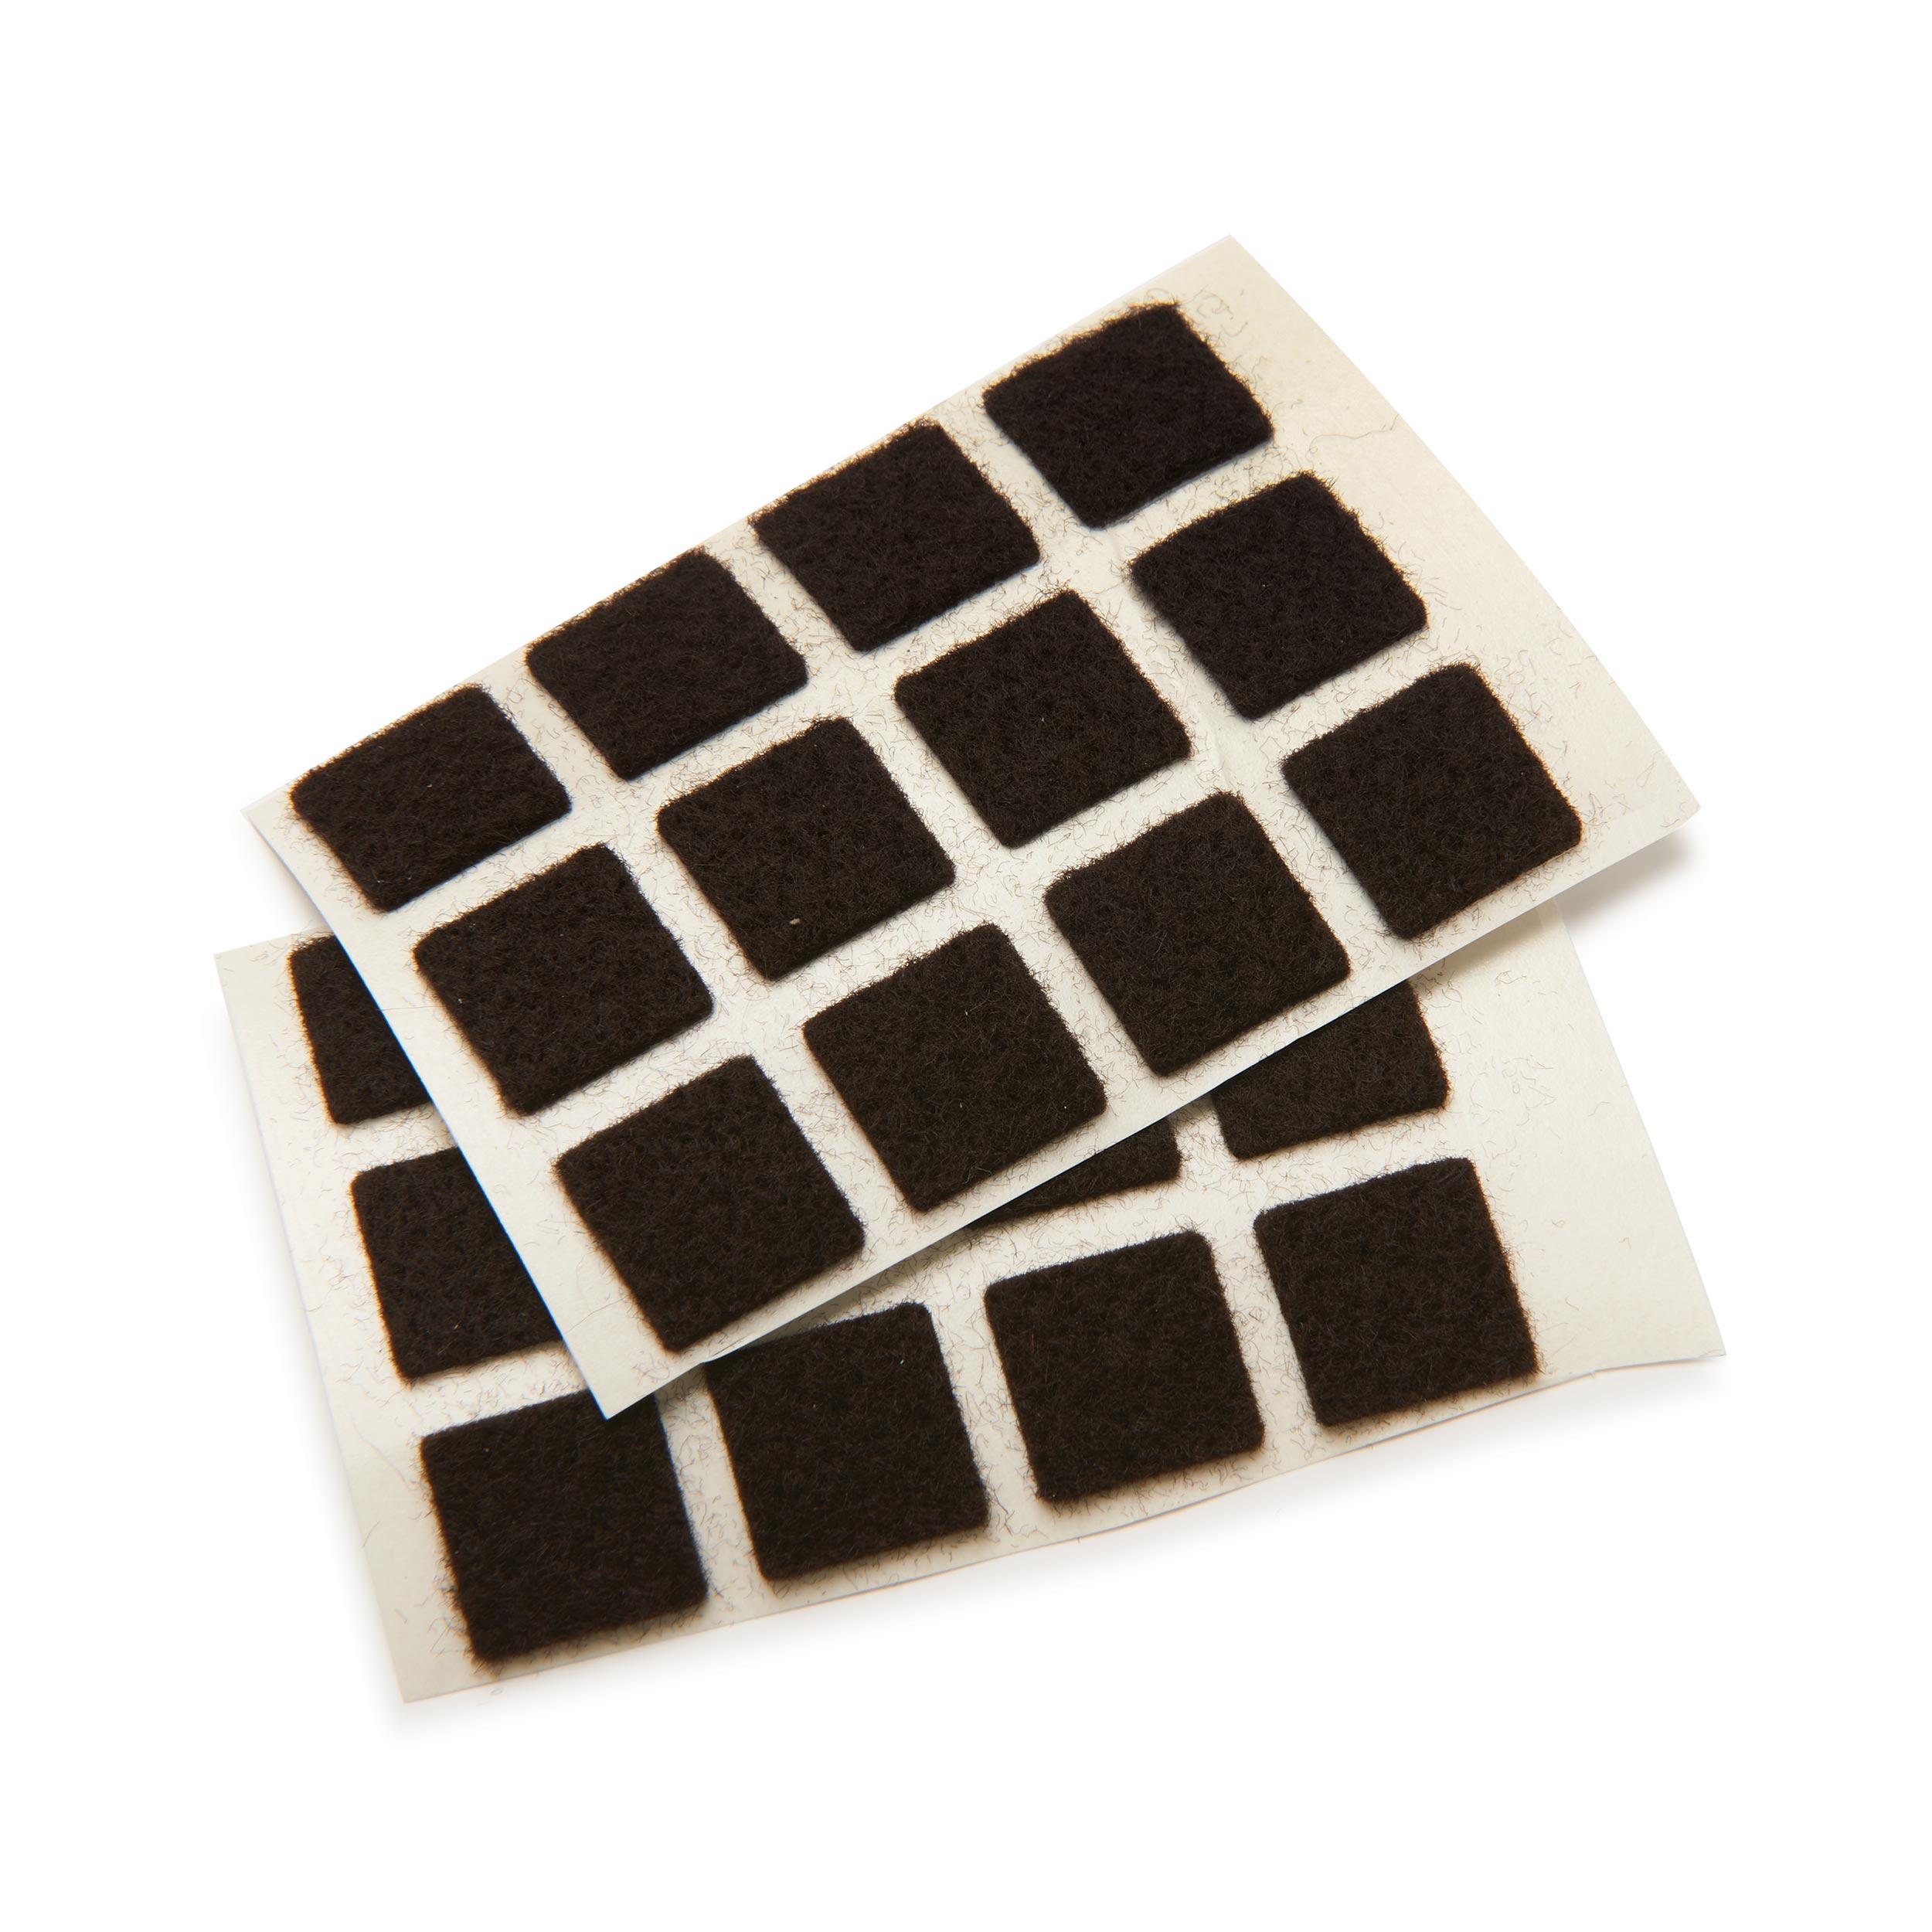 Felt Square, Self-Adhesive, Brown 1/2